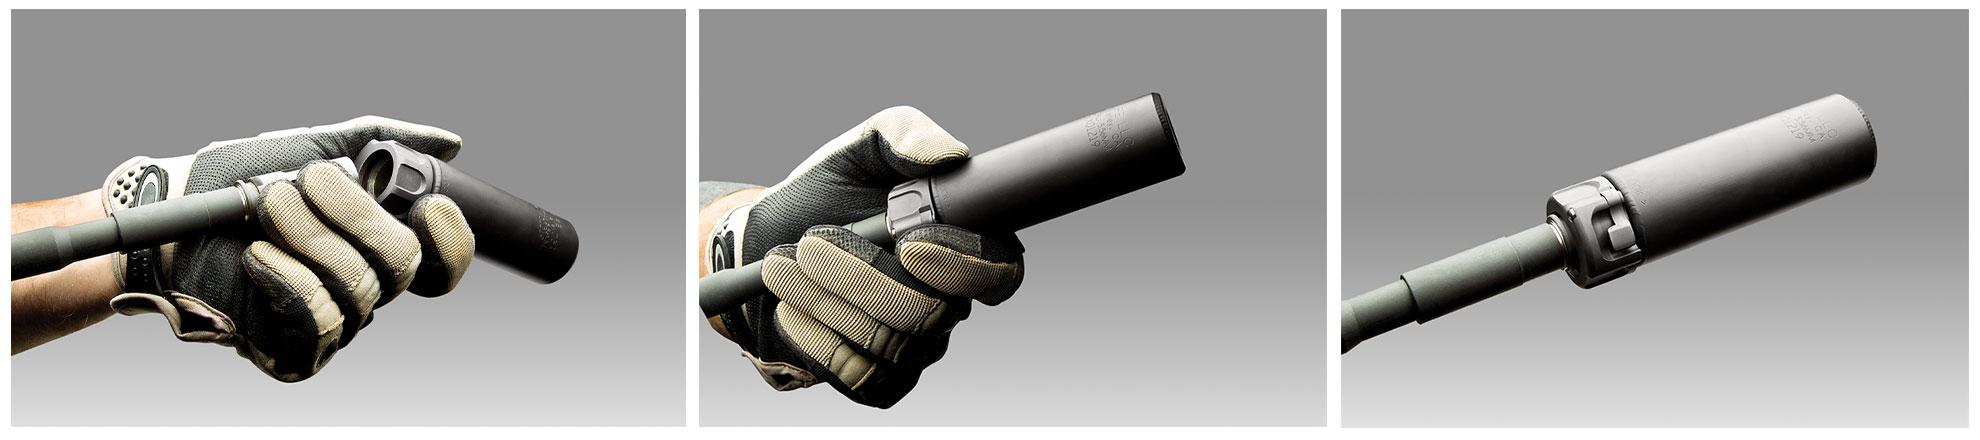 SureFire Fast-Attach suppressor